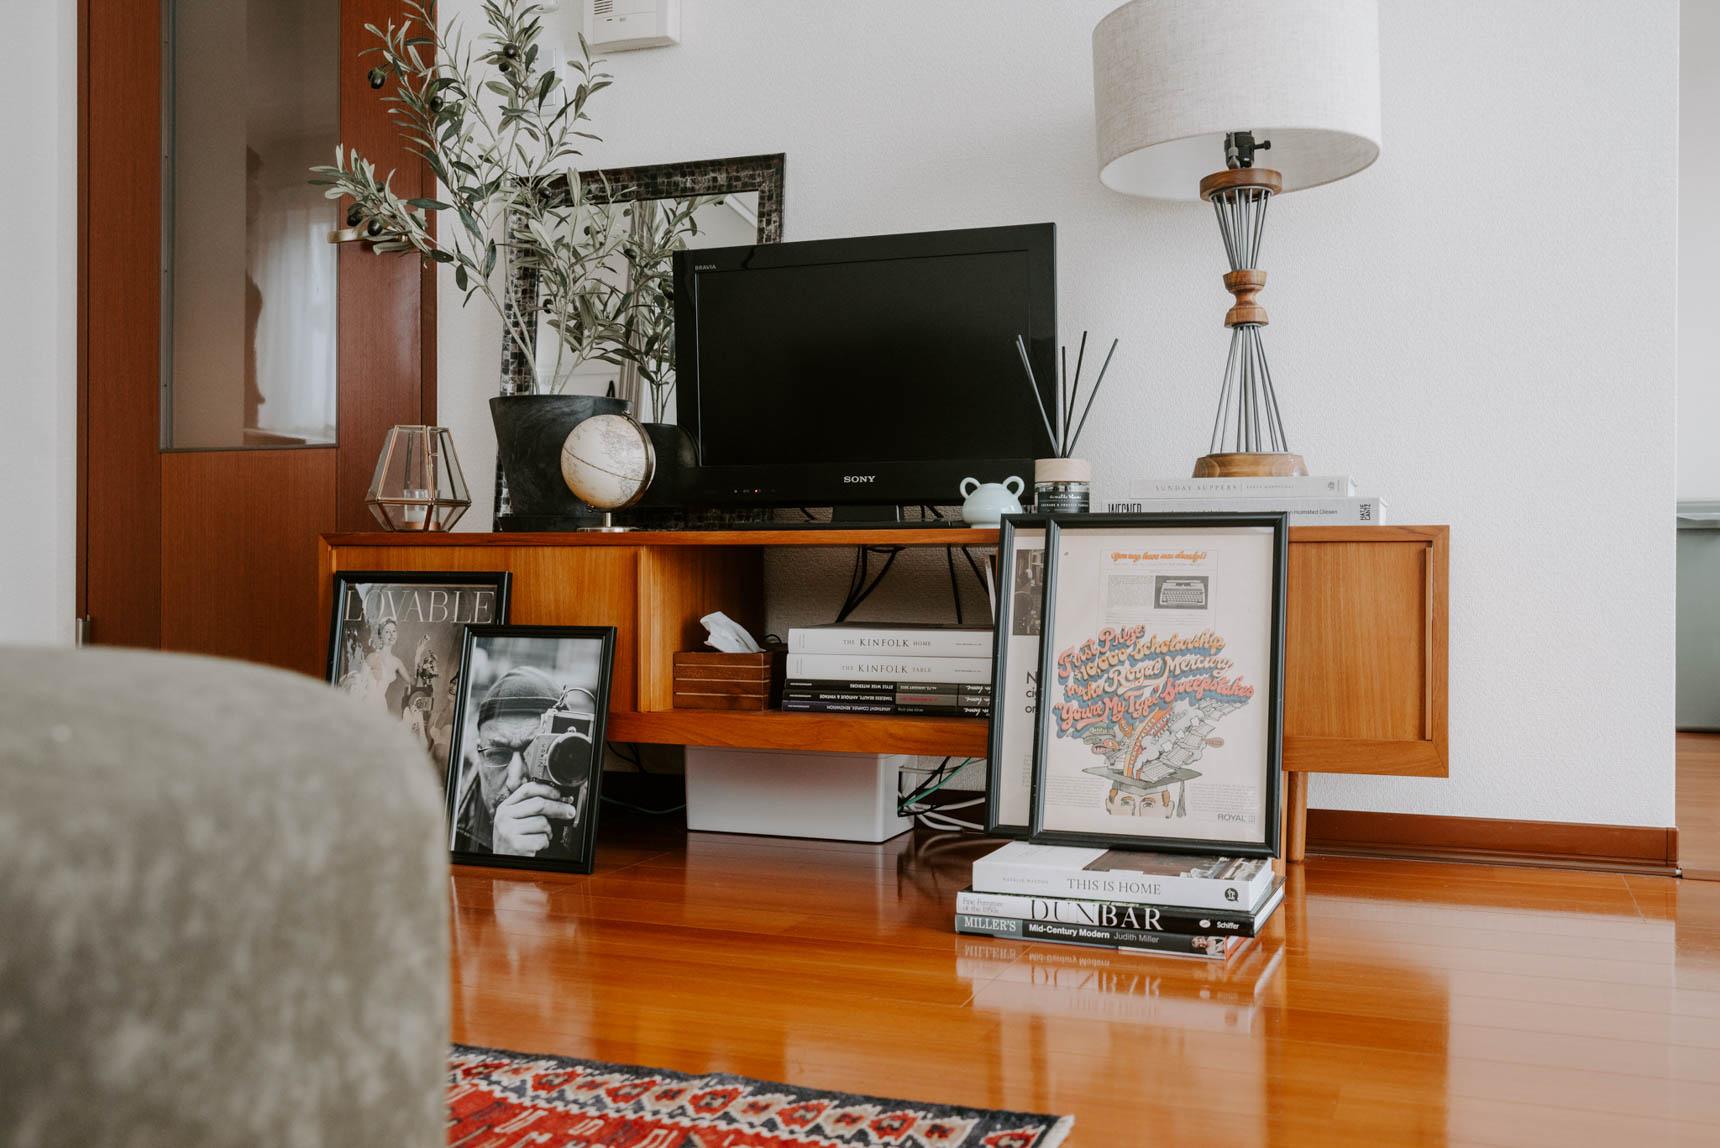 北欧ヴィンテージの素敵な雰囲気ににあう家具は、楽天の家具店「クロロス」のオリジナル。(このお部屋はこちら)